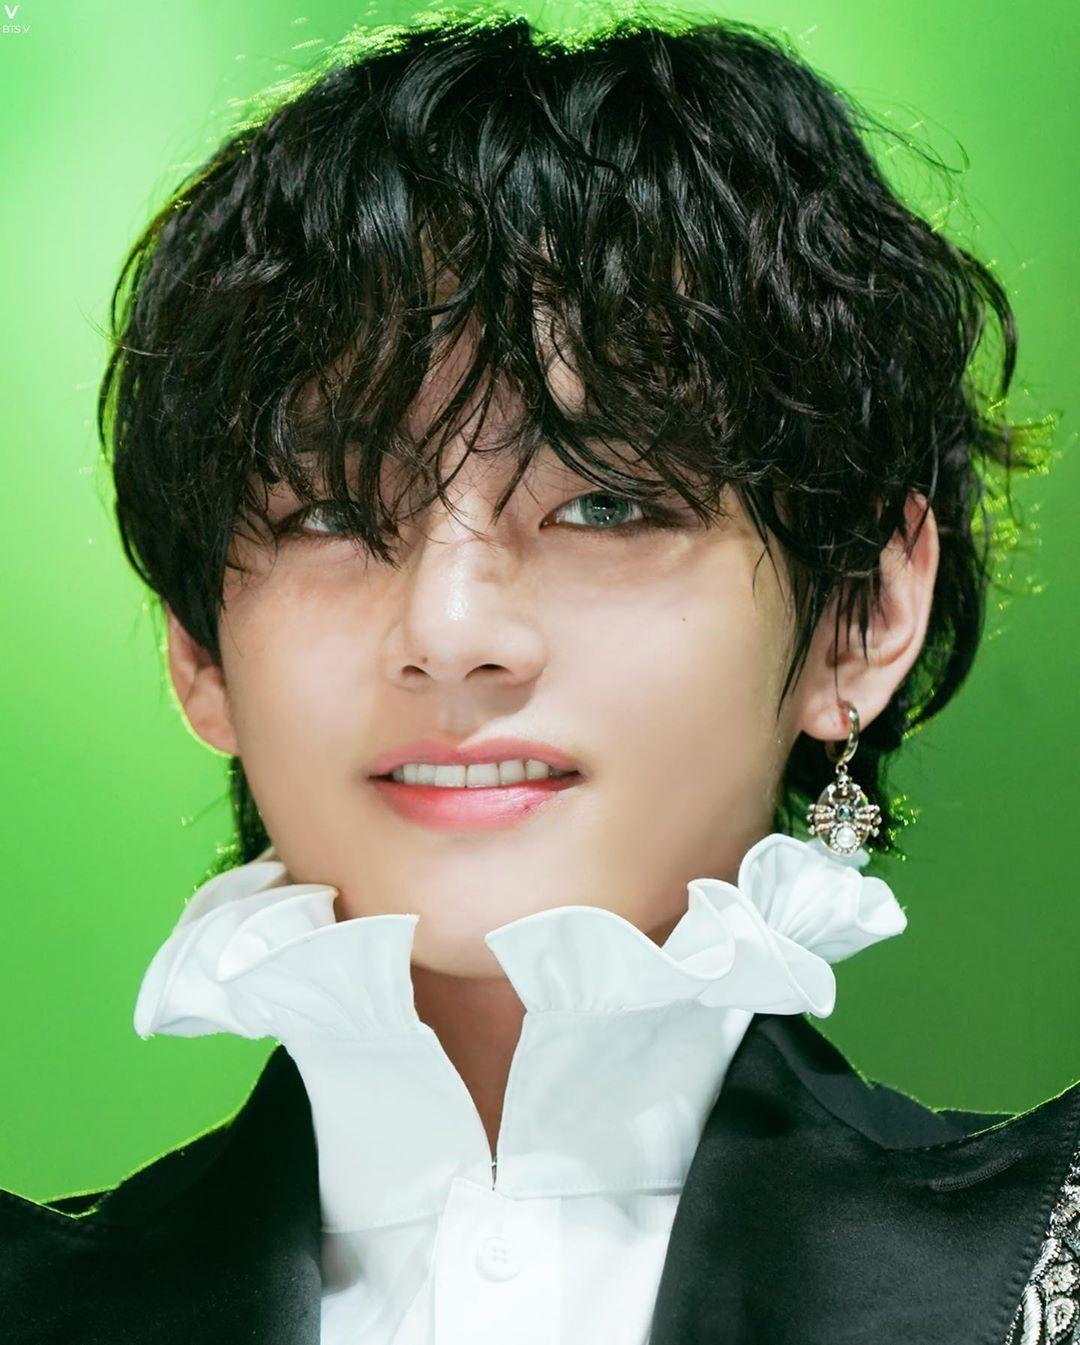 Taehyung Wearing Colored Contact Lenses Taehyung Kim Taehyung Bts Photo